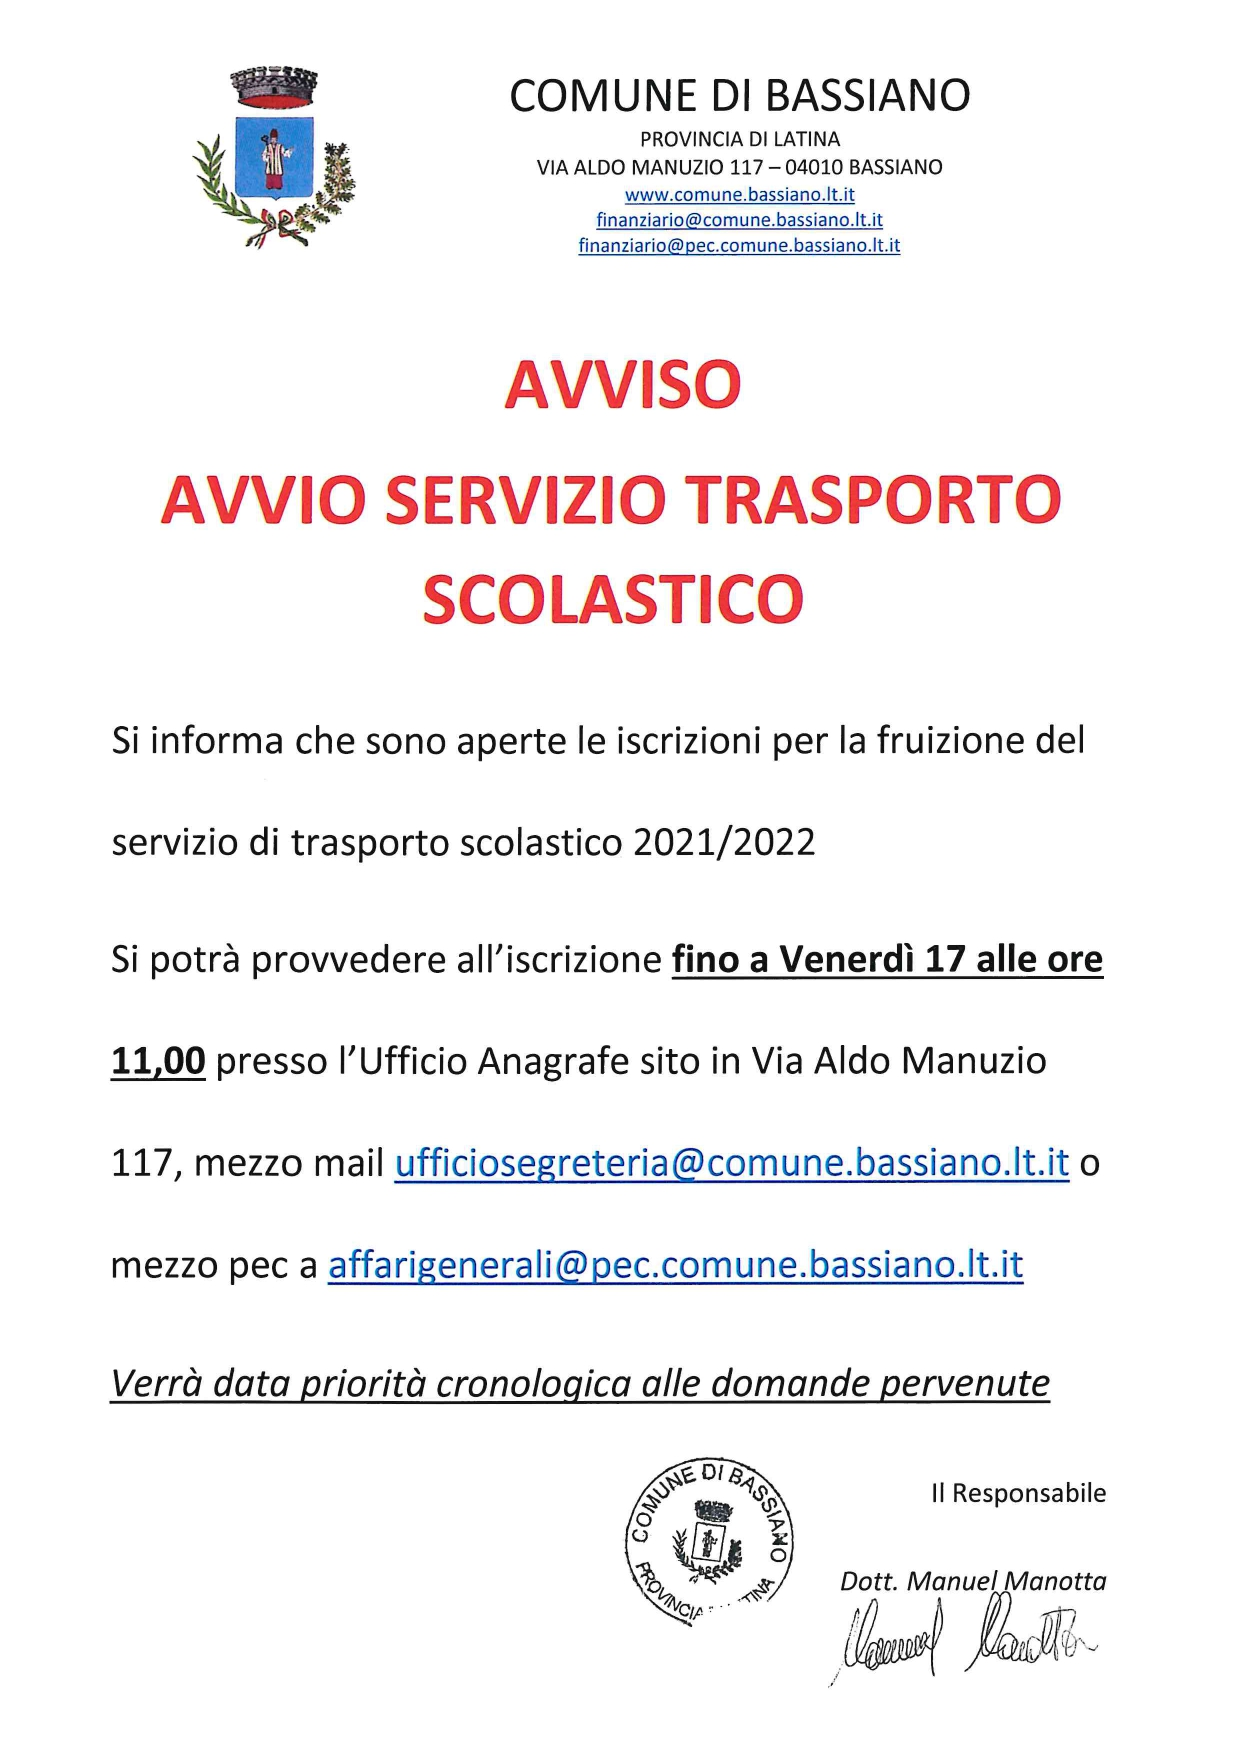 AVVISO  - AVVIO SERVIZIO TRASPORTO SCOLASTICO 2021/2022